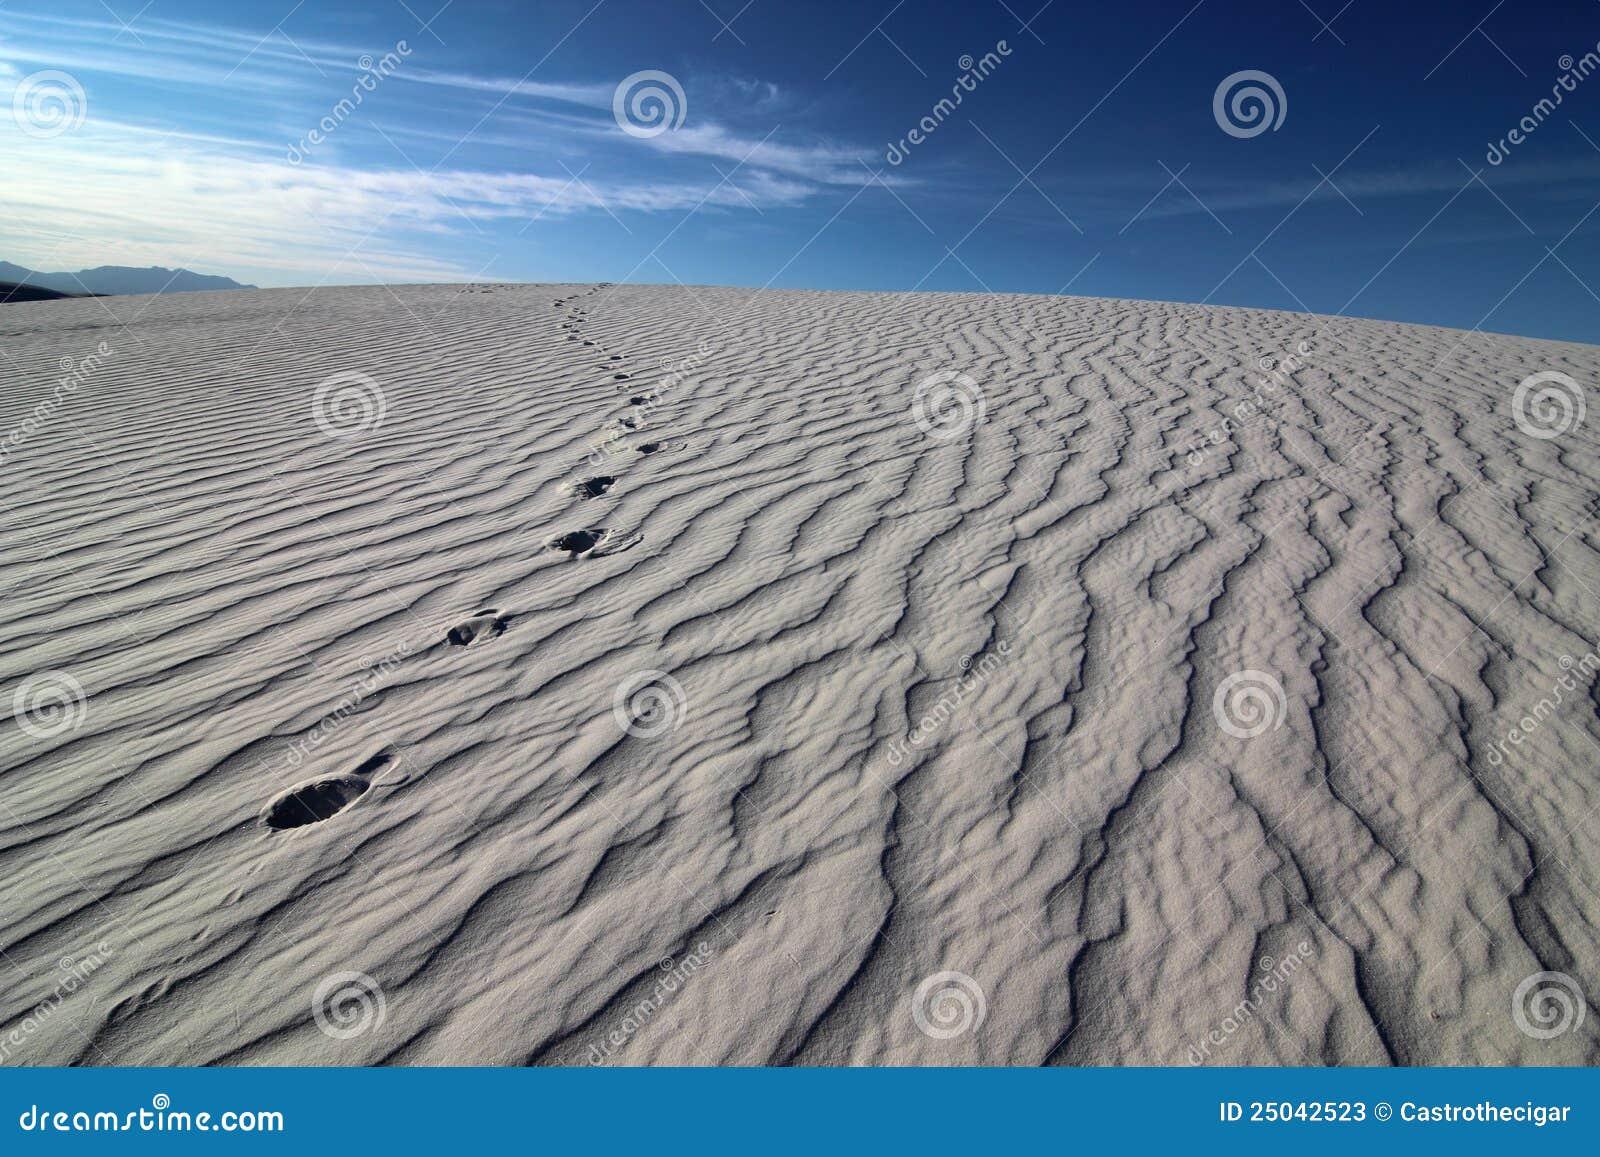 Fotspår sand texturerat